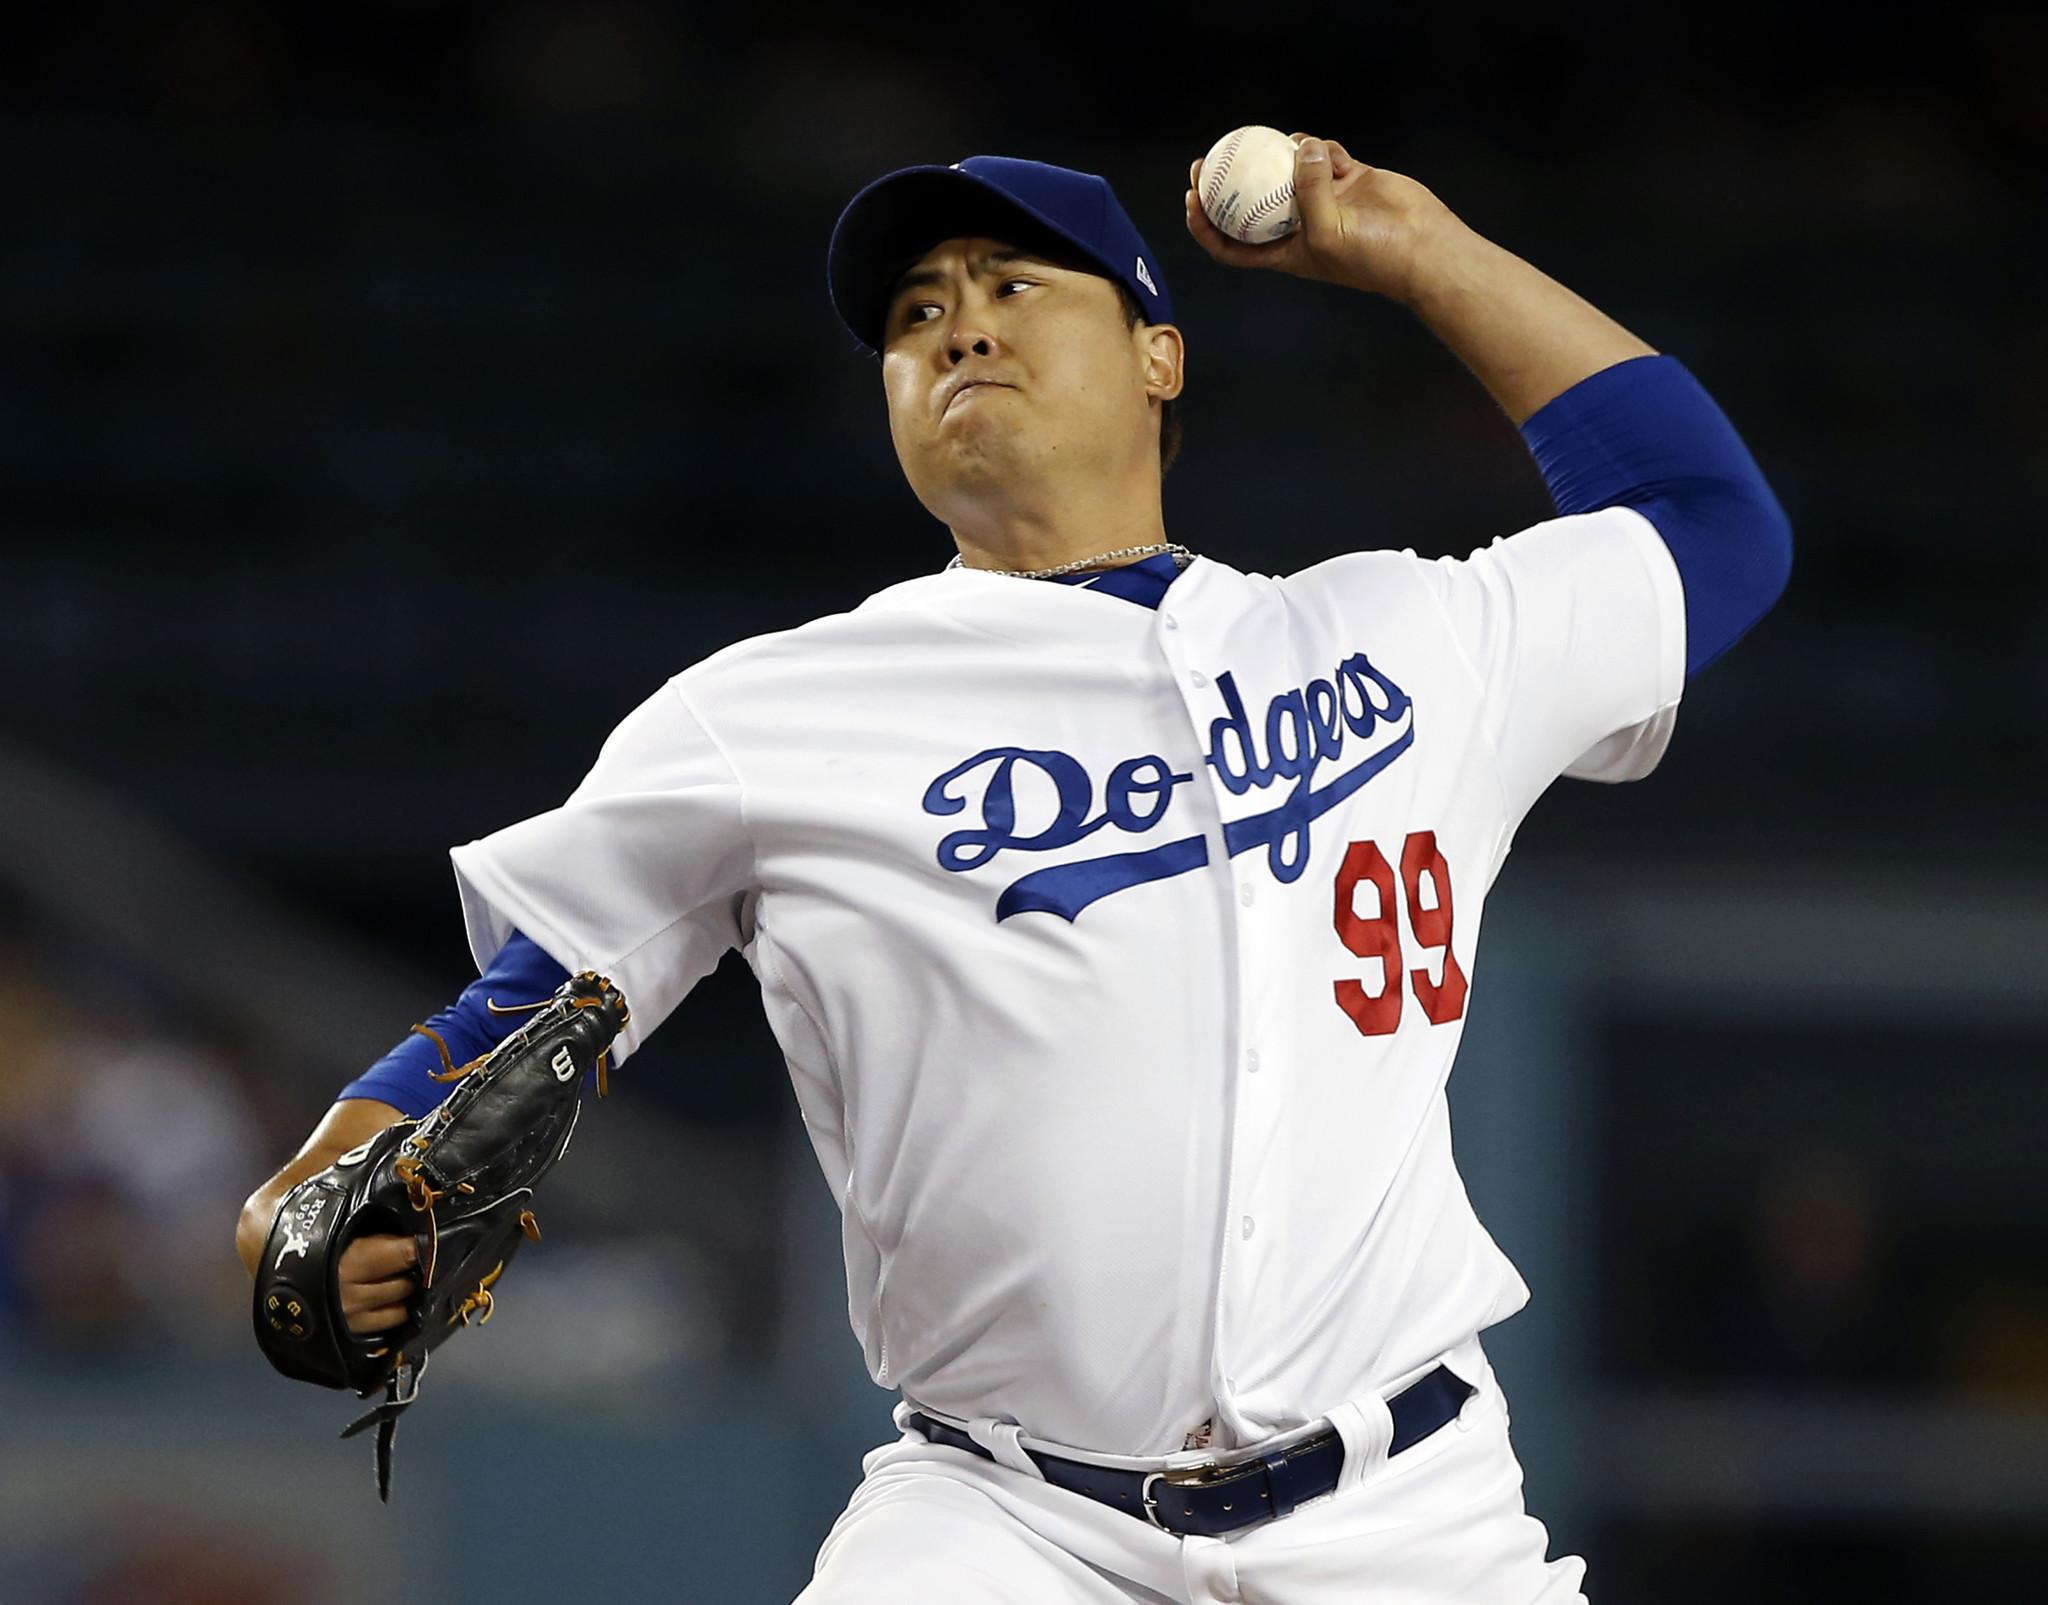 Dodgers anuncian a Ryu, no a Kershaw, para el Juego 1 ante Bravos